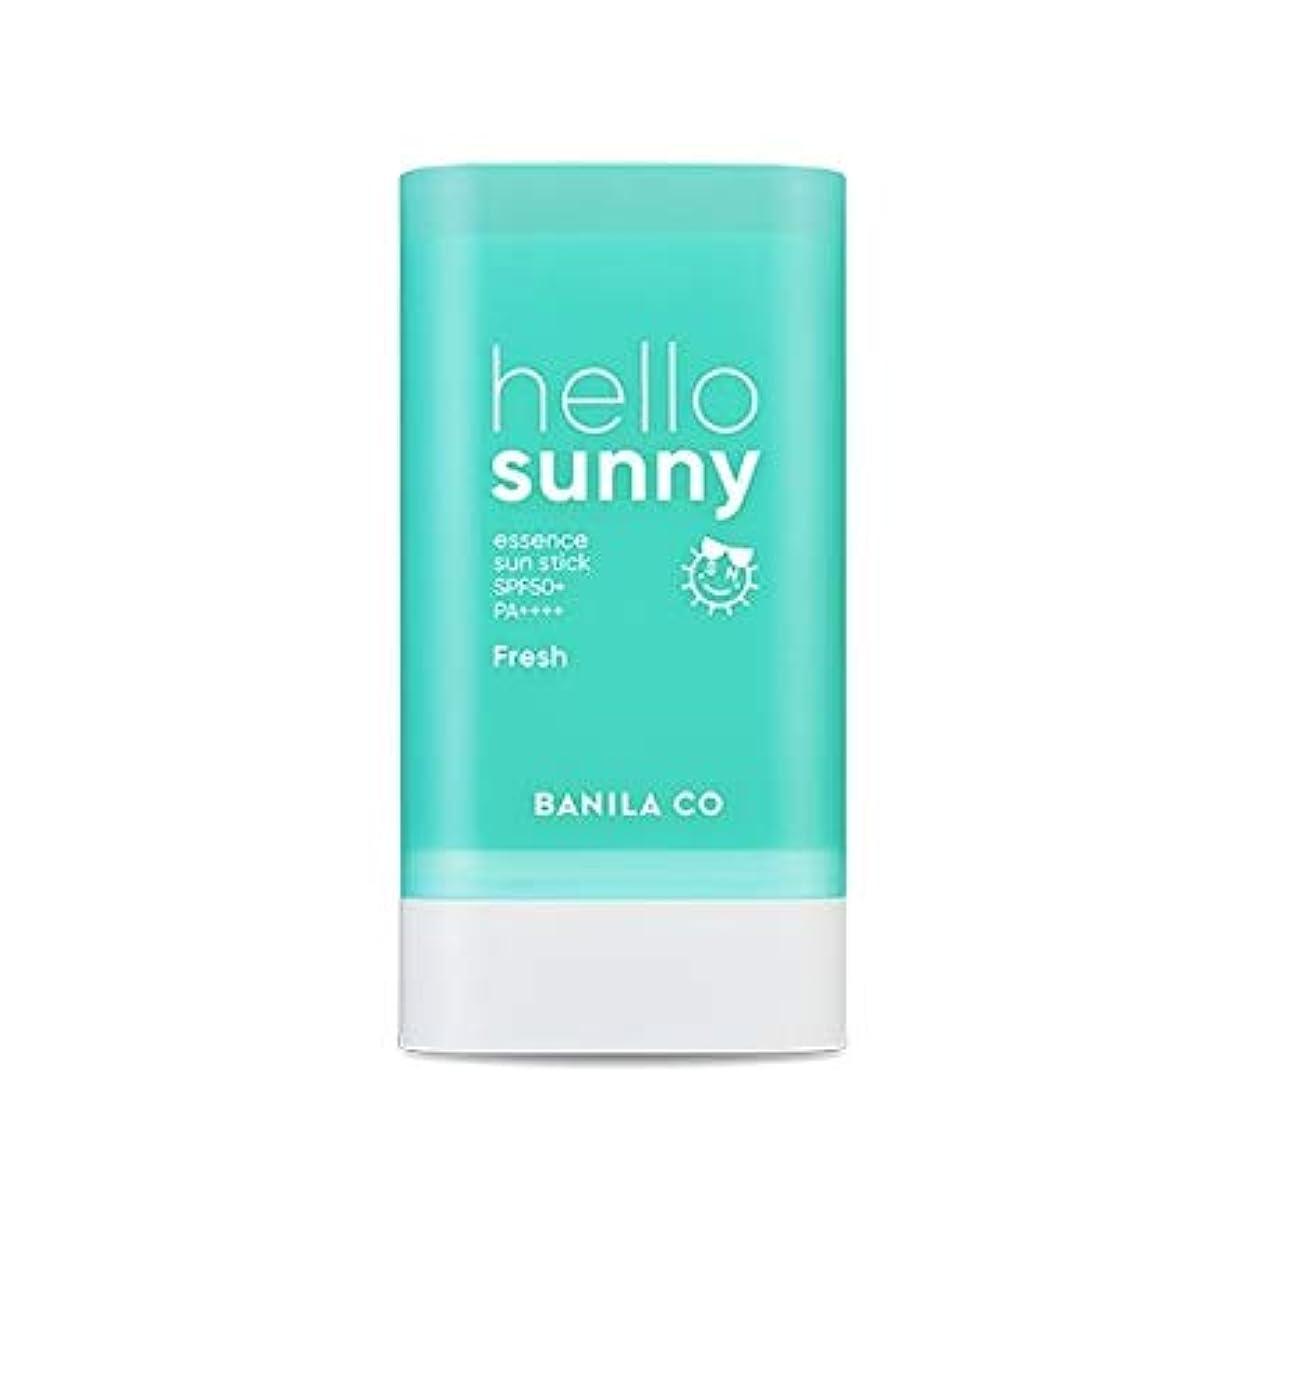 フレア征服する島banilaco ハローサニーエッセンスサンスティックフレッシュ/Hello Sunny Essence SunStick Fresh 18.5g [並行輸入品]